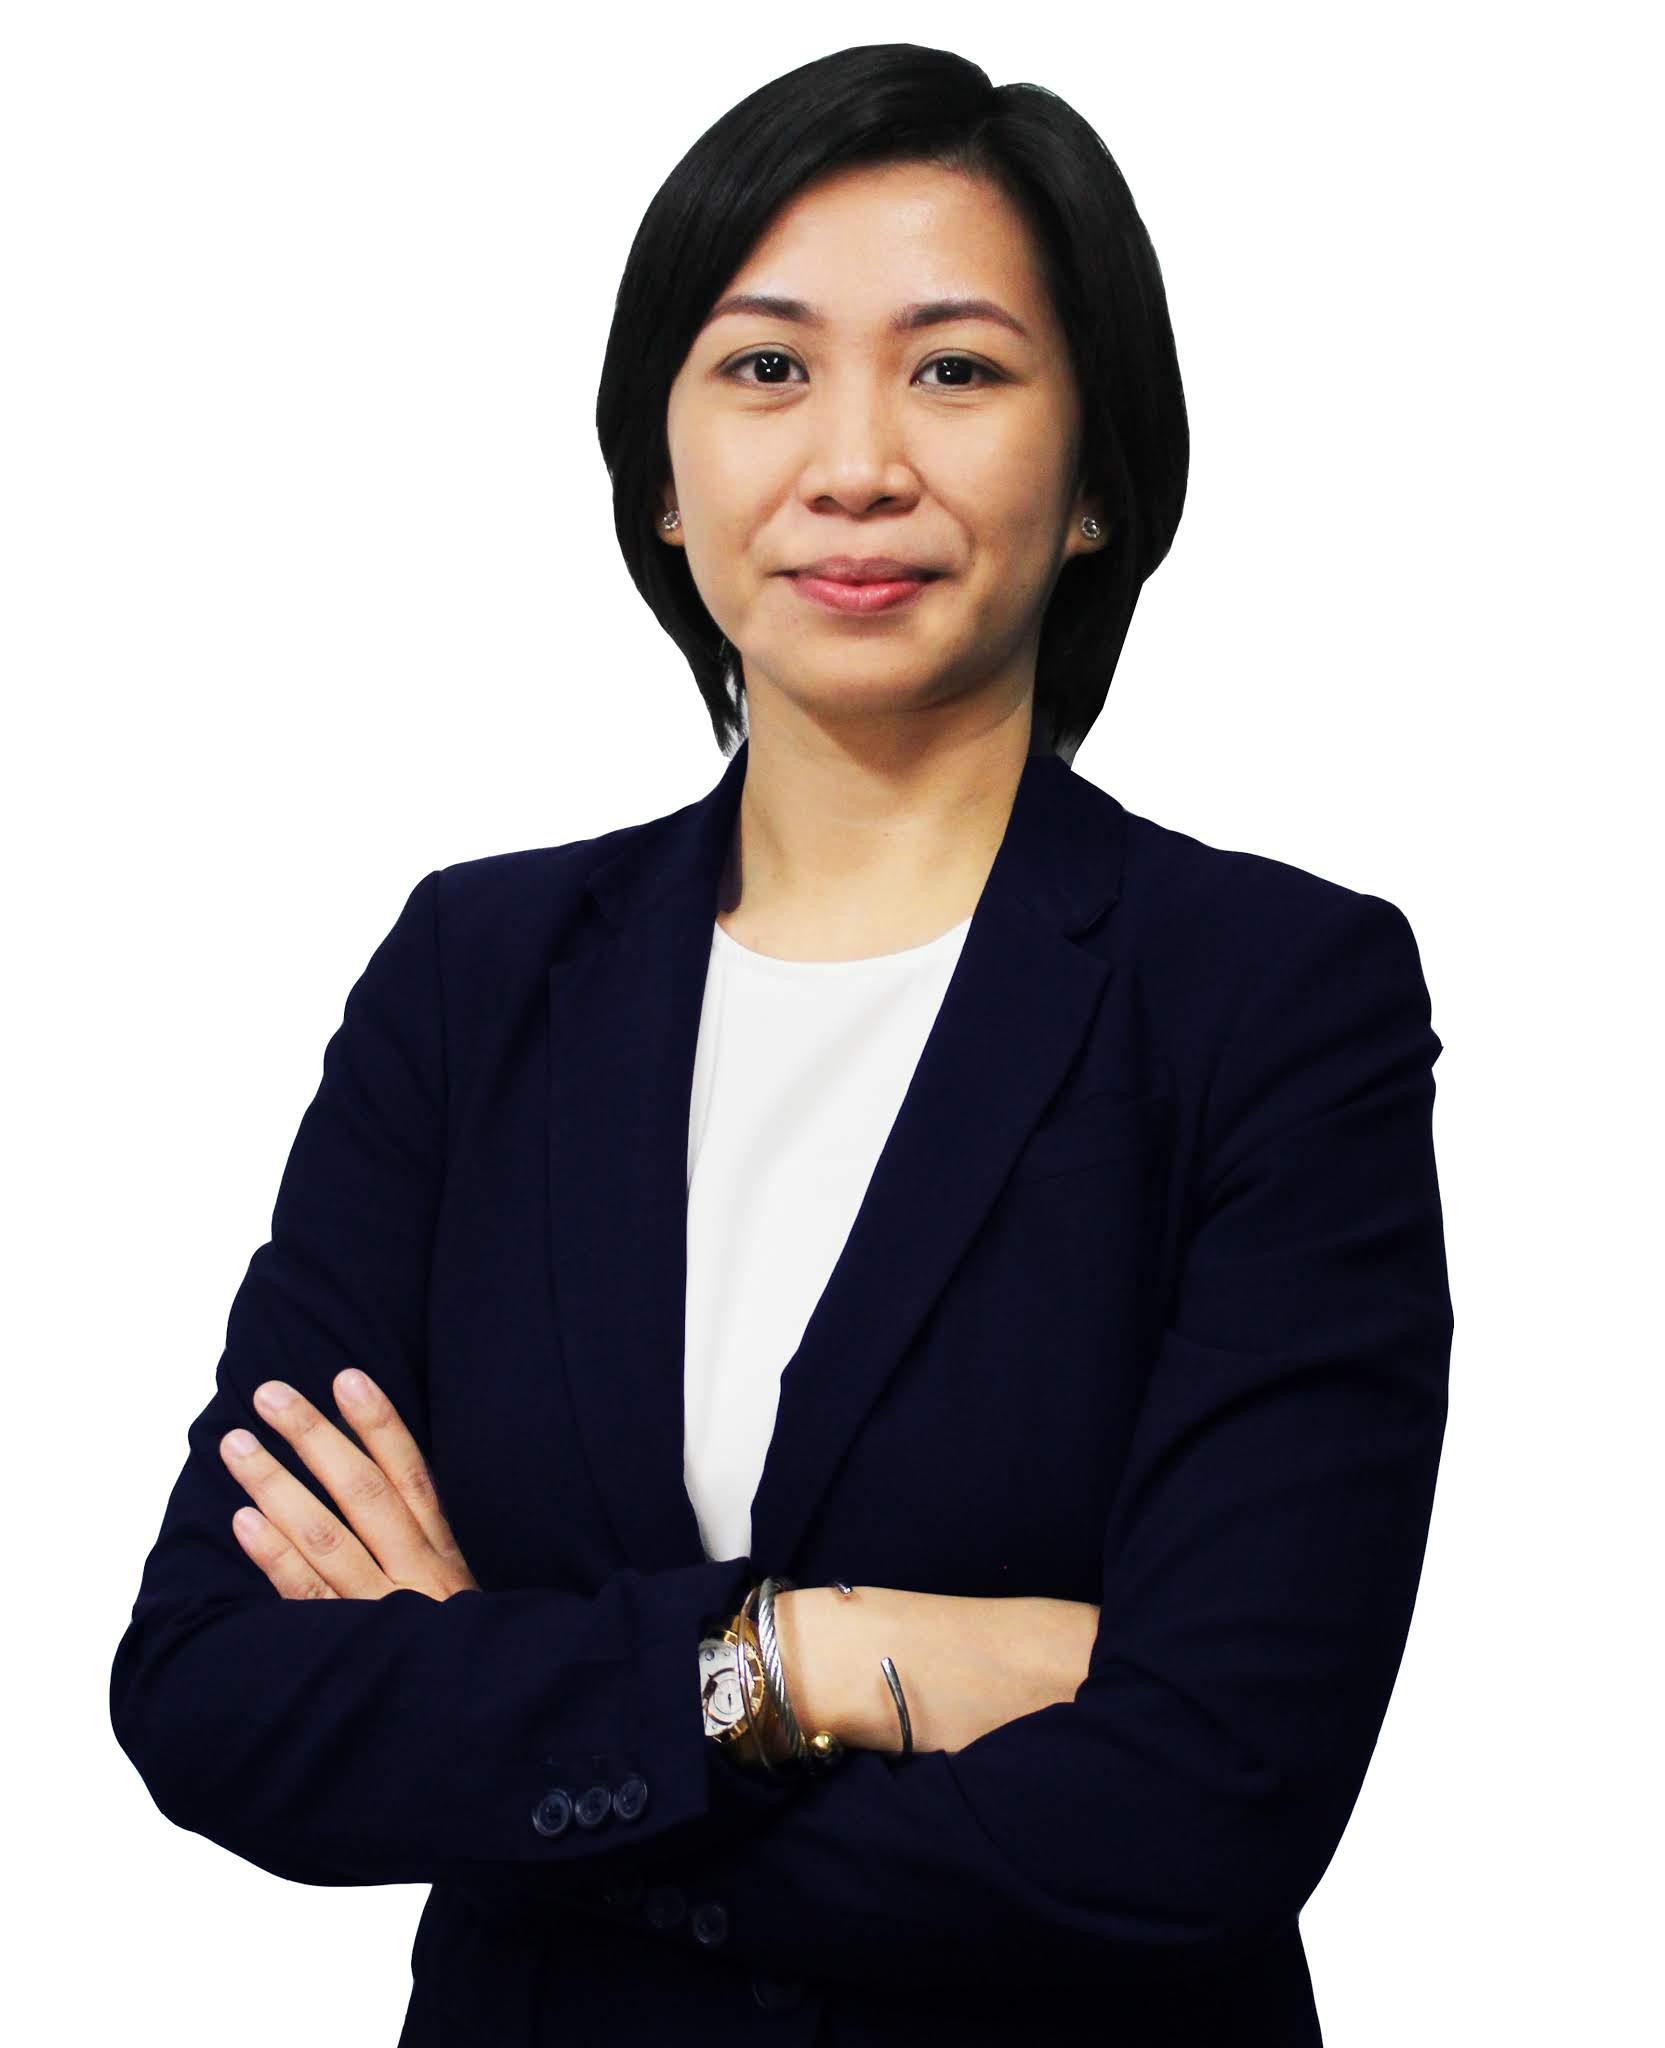 Ma. Cristina Cruz